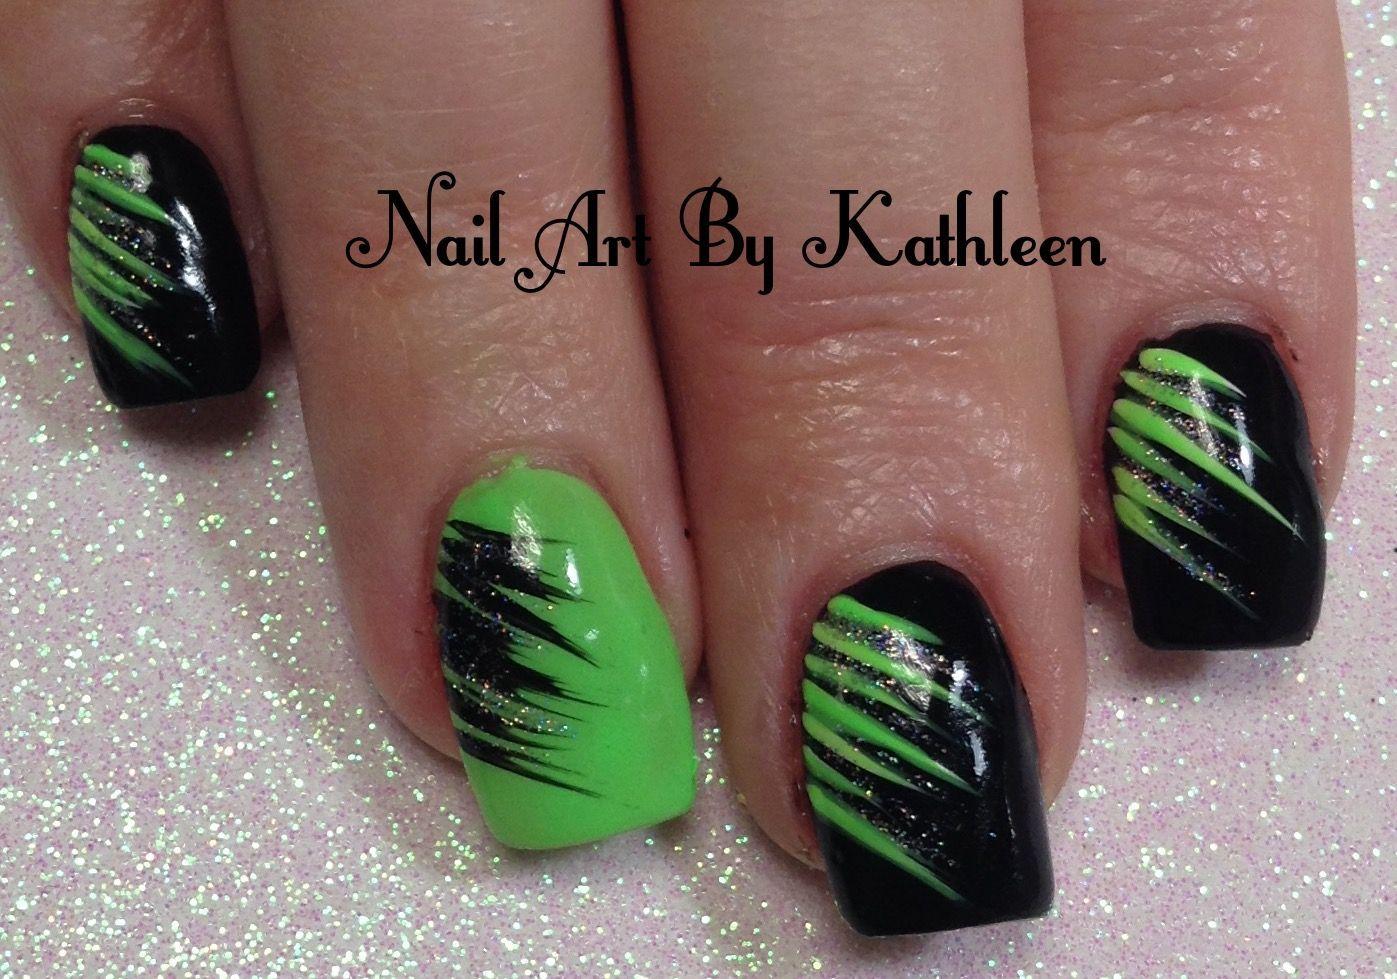 Neon Green And Black Nail Art Nails Nailart Naildesign Nailpolish Notd Nailartbykathleen Green Black N Neon Green Nails Green Nails Green Nail Designs